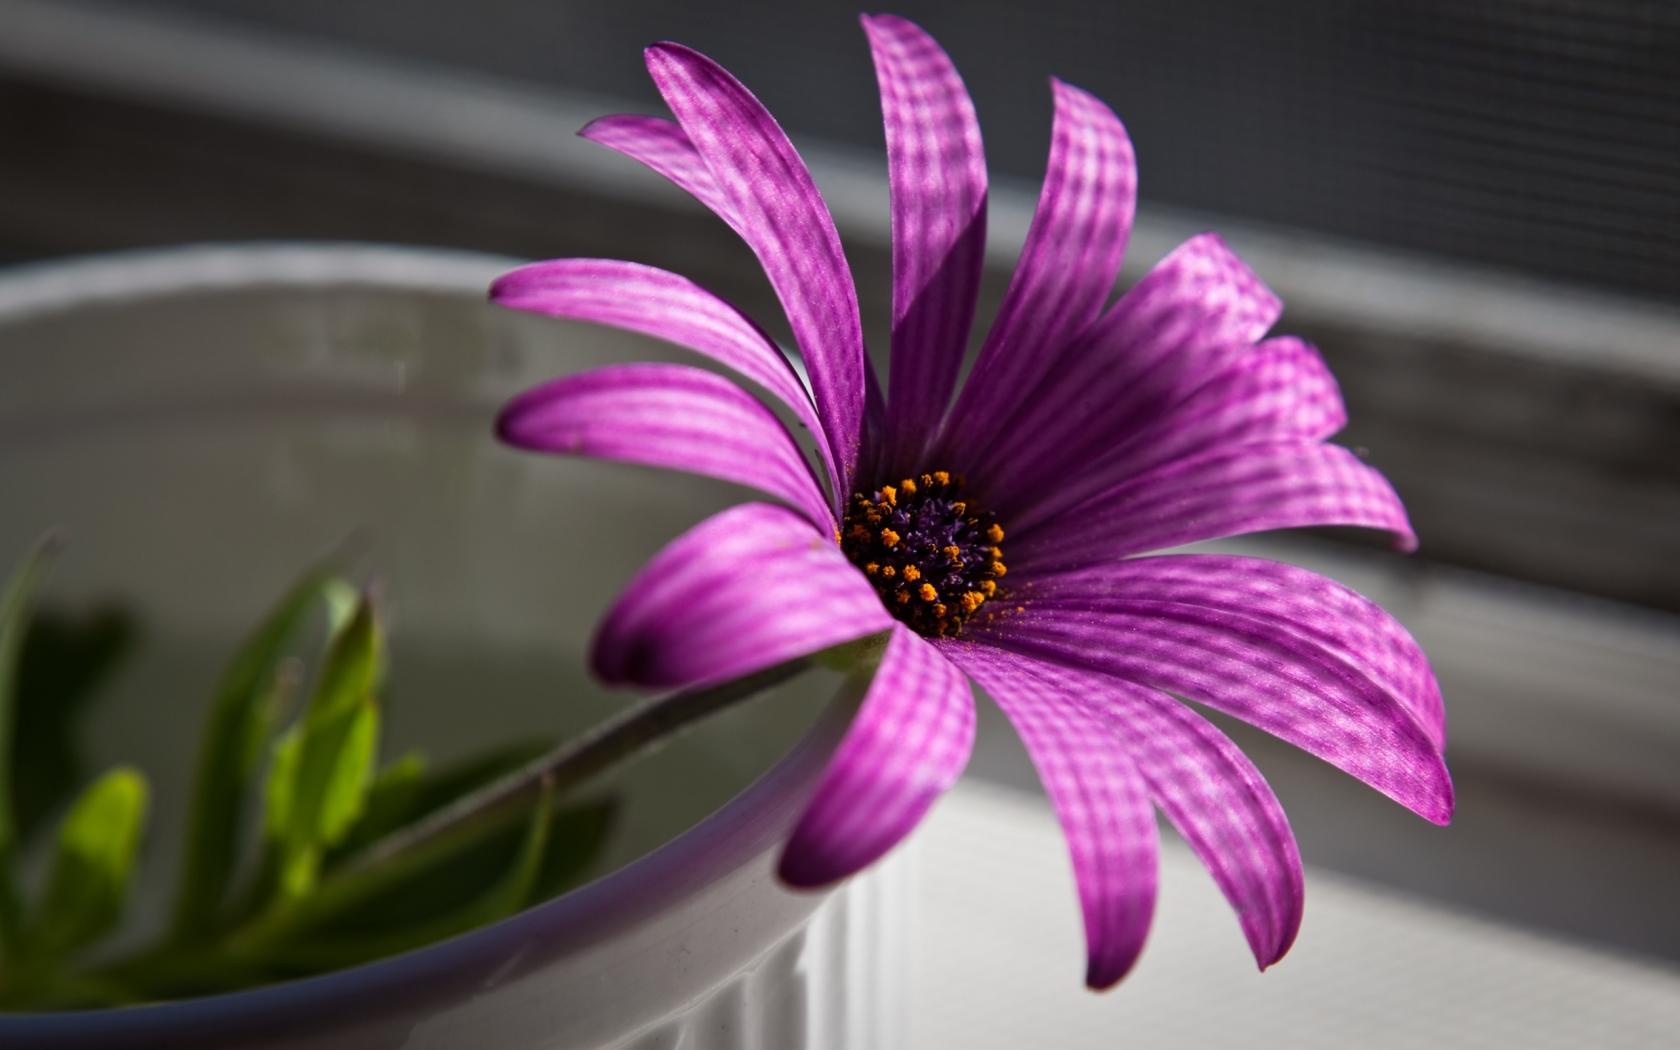 Flor purpura - 1680x1050